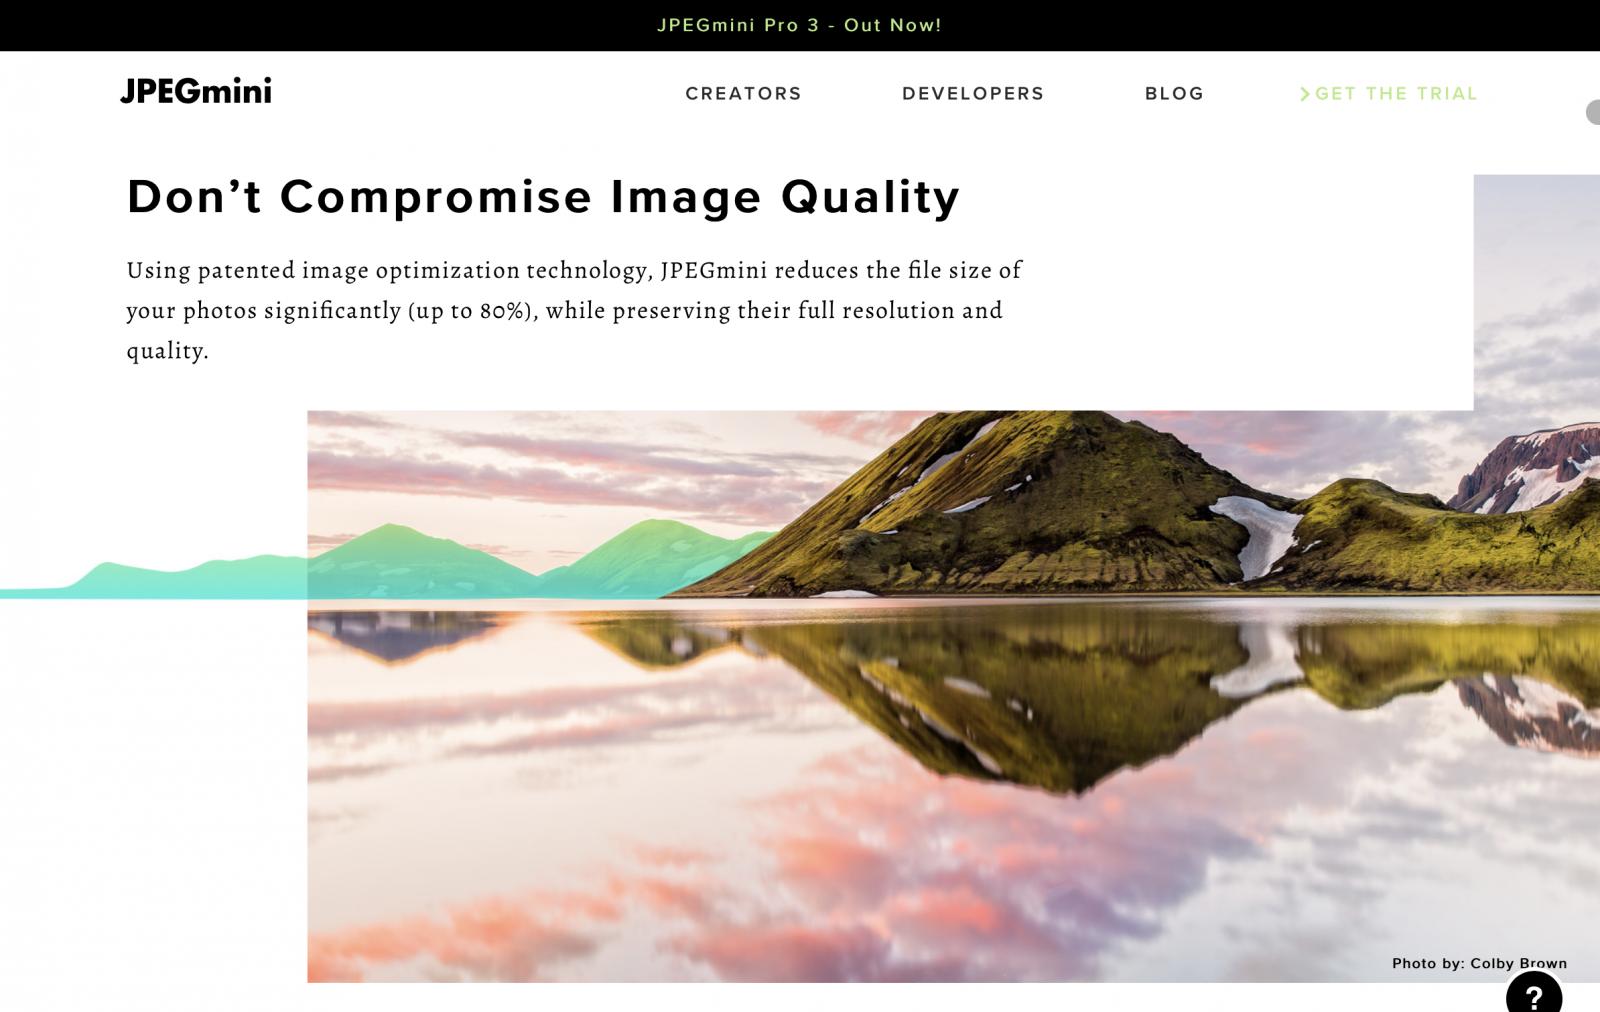 Jpeg-mini Empfehlung für Fotografen